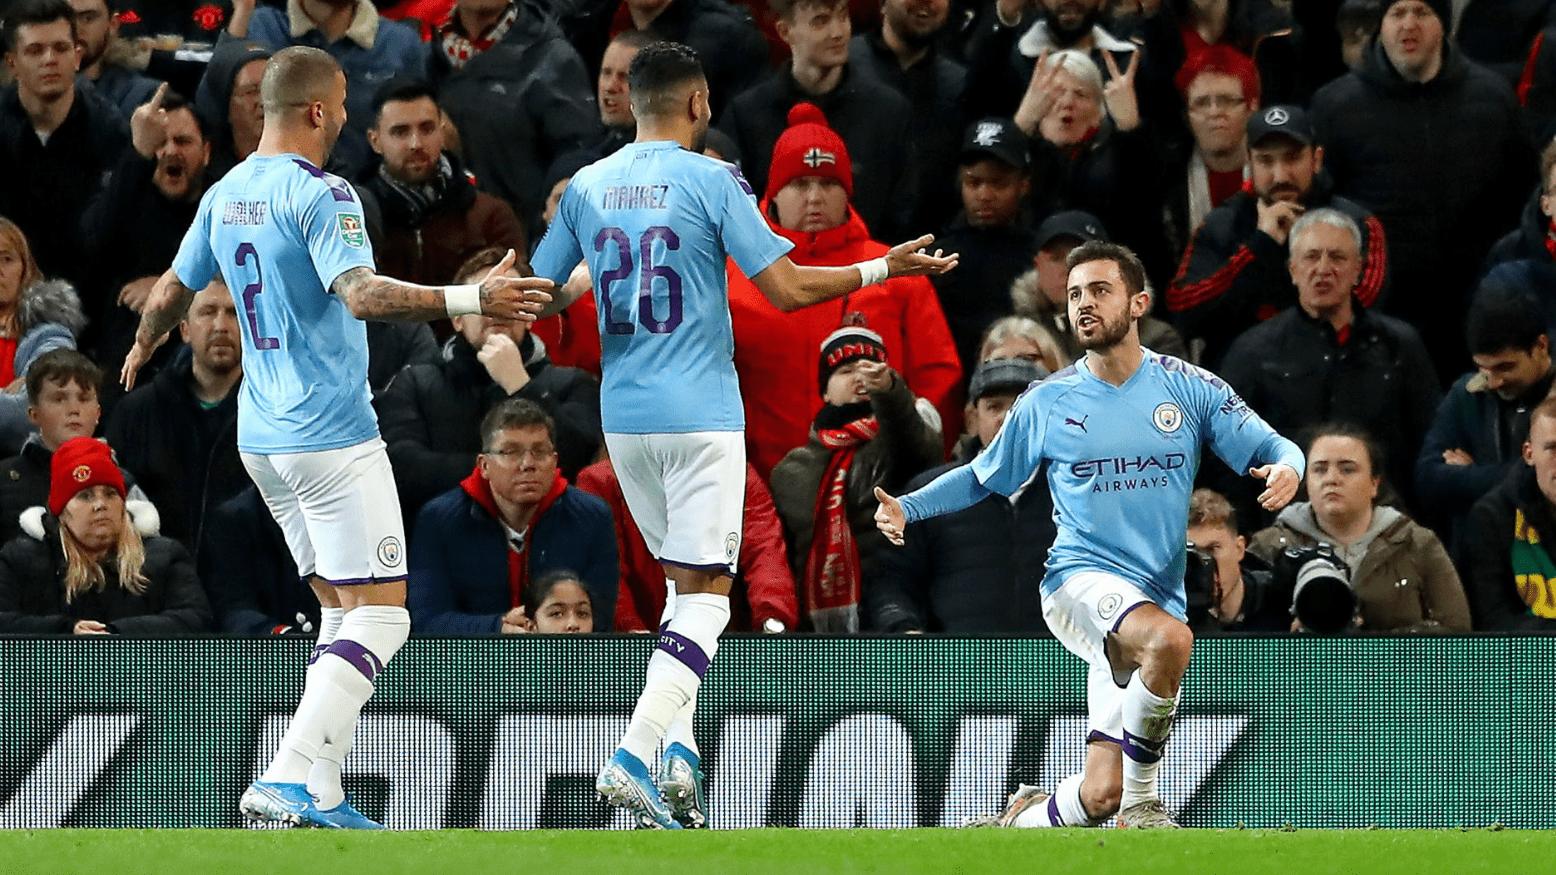 Манчестър Сити надделя с 31 срещу Манчестър Юнайтед